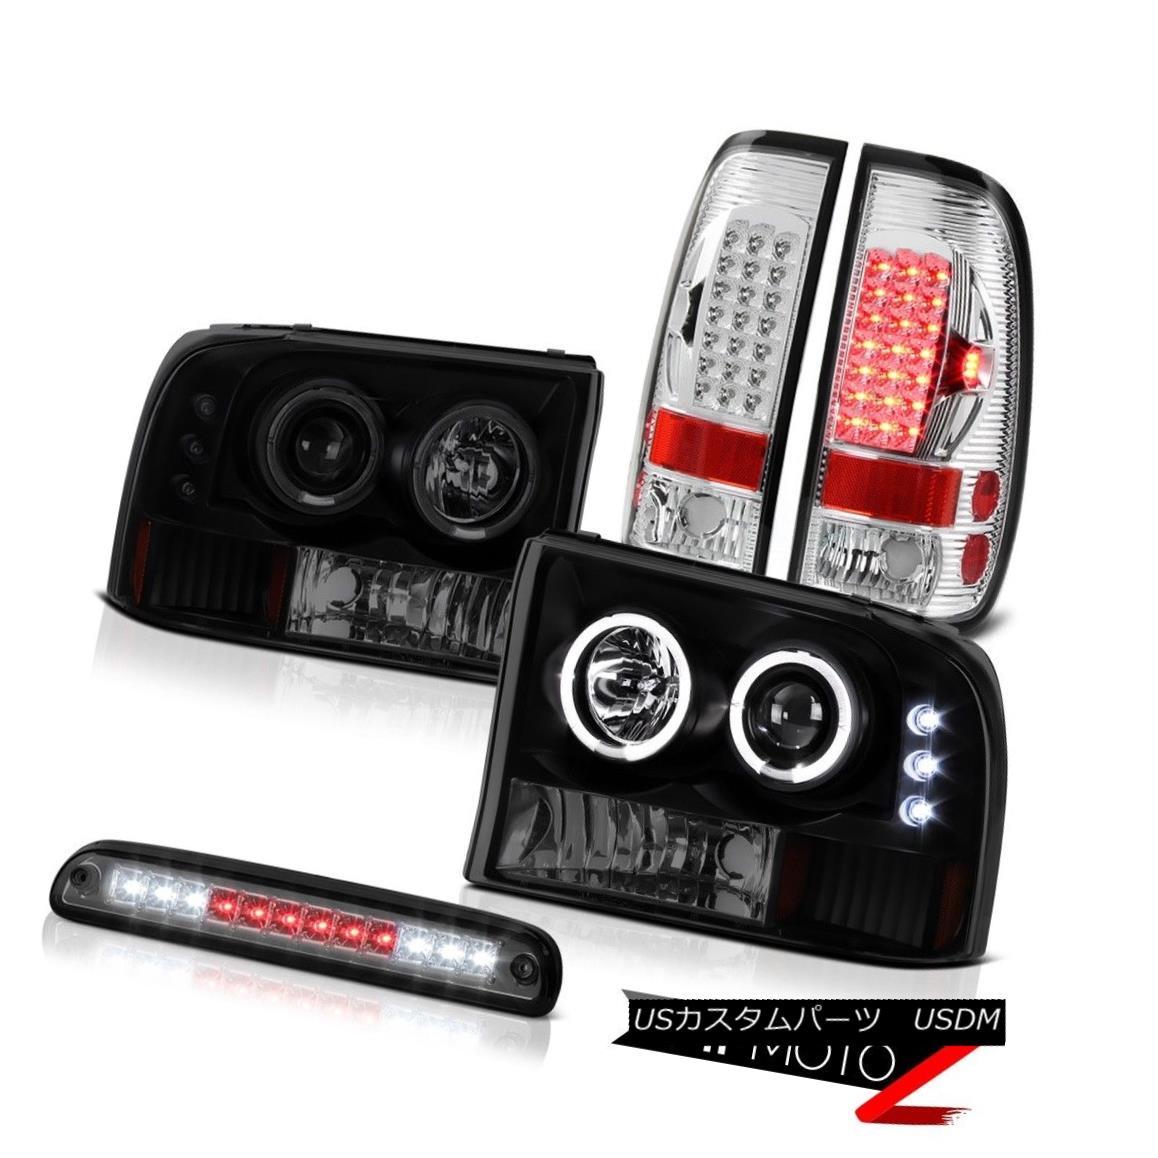 テールライト Smoked Halo Headlights Smoke Third Brake LED Chrome Taillamp 99-04 F250 6.8L Smoke HaloヘッドライトSmoke Third Brake LED Chrome Taillamp 99-04 F250 6.8L